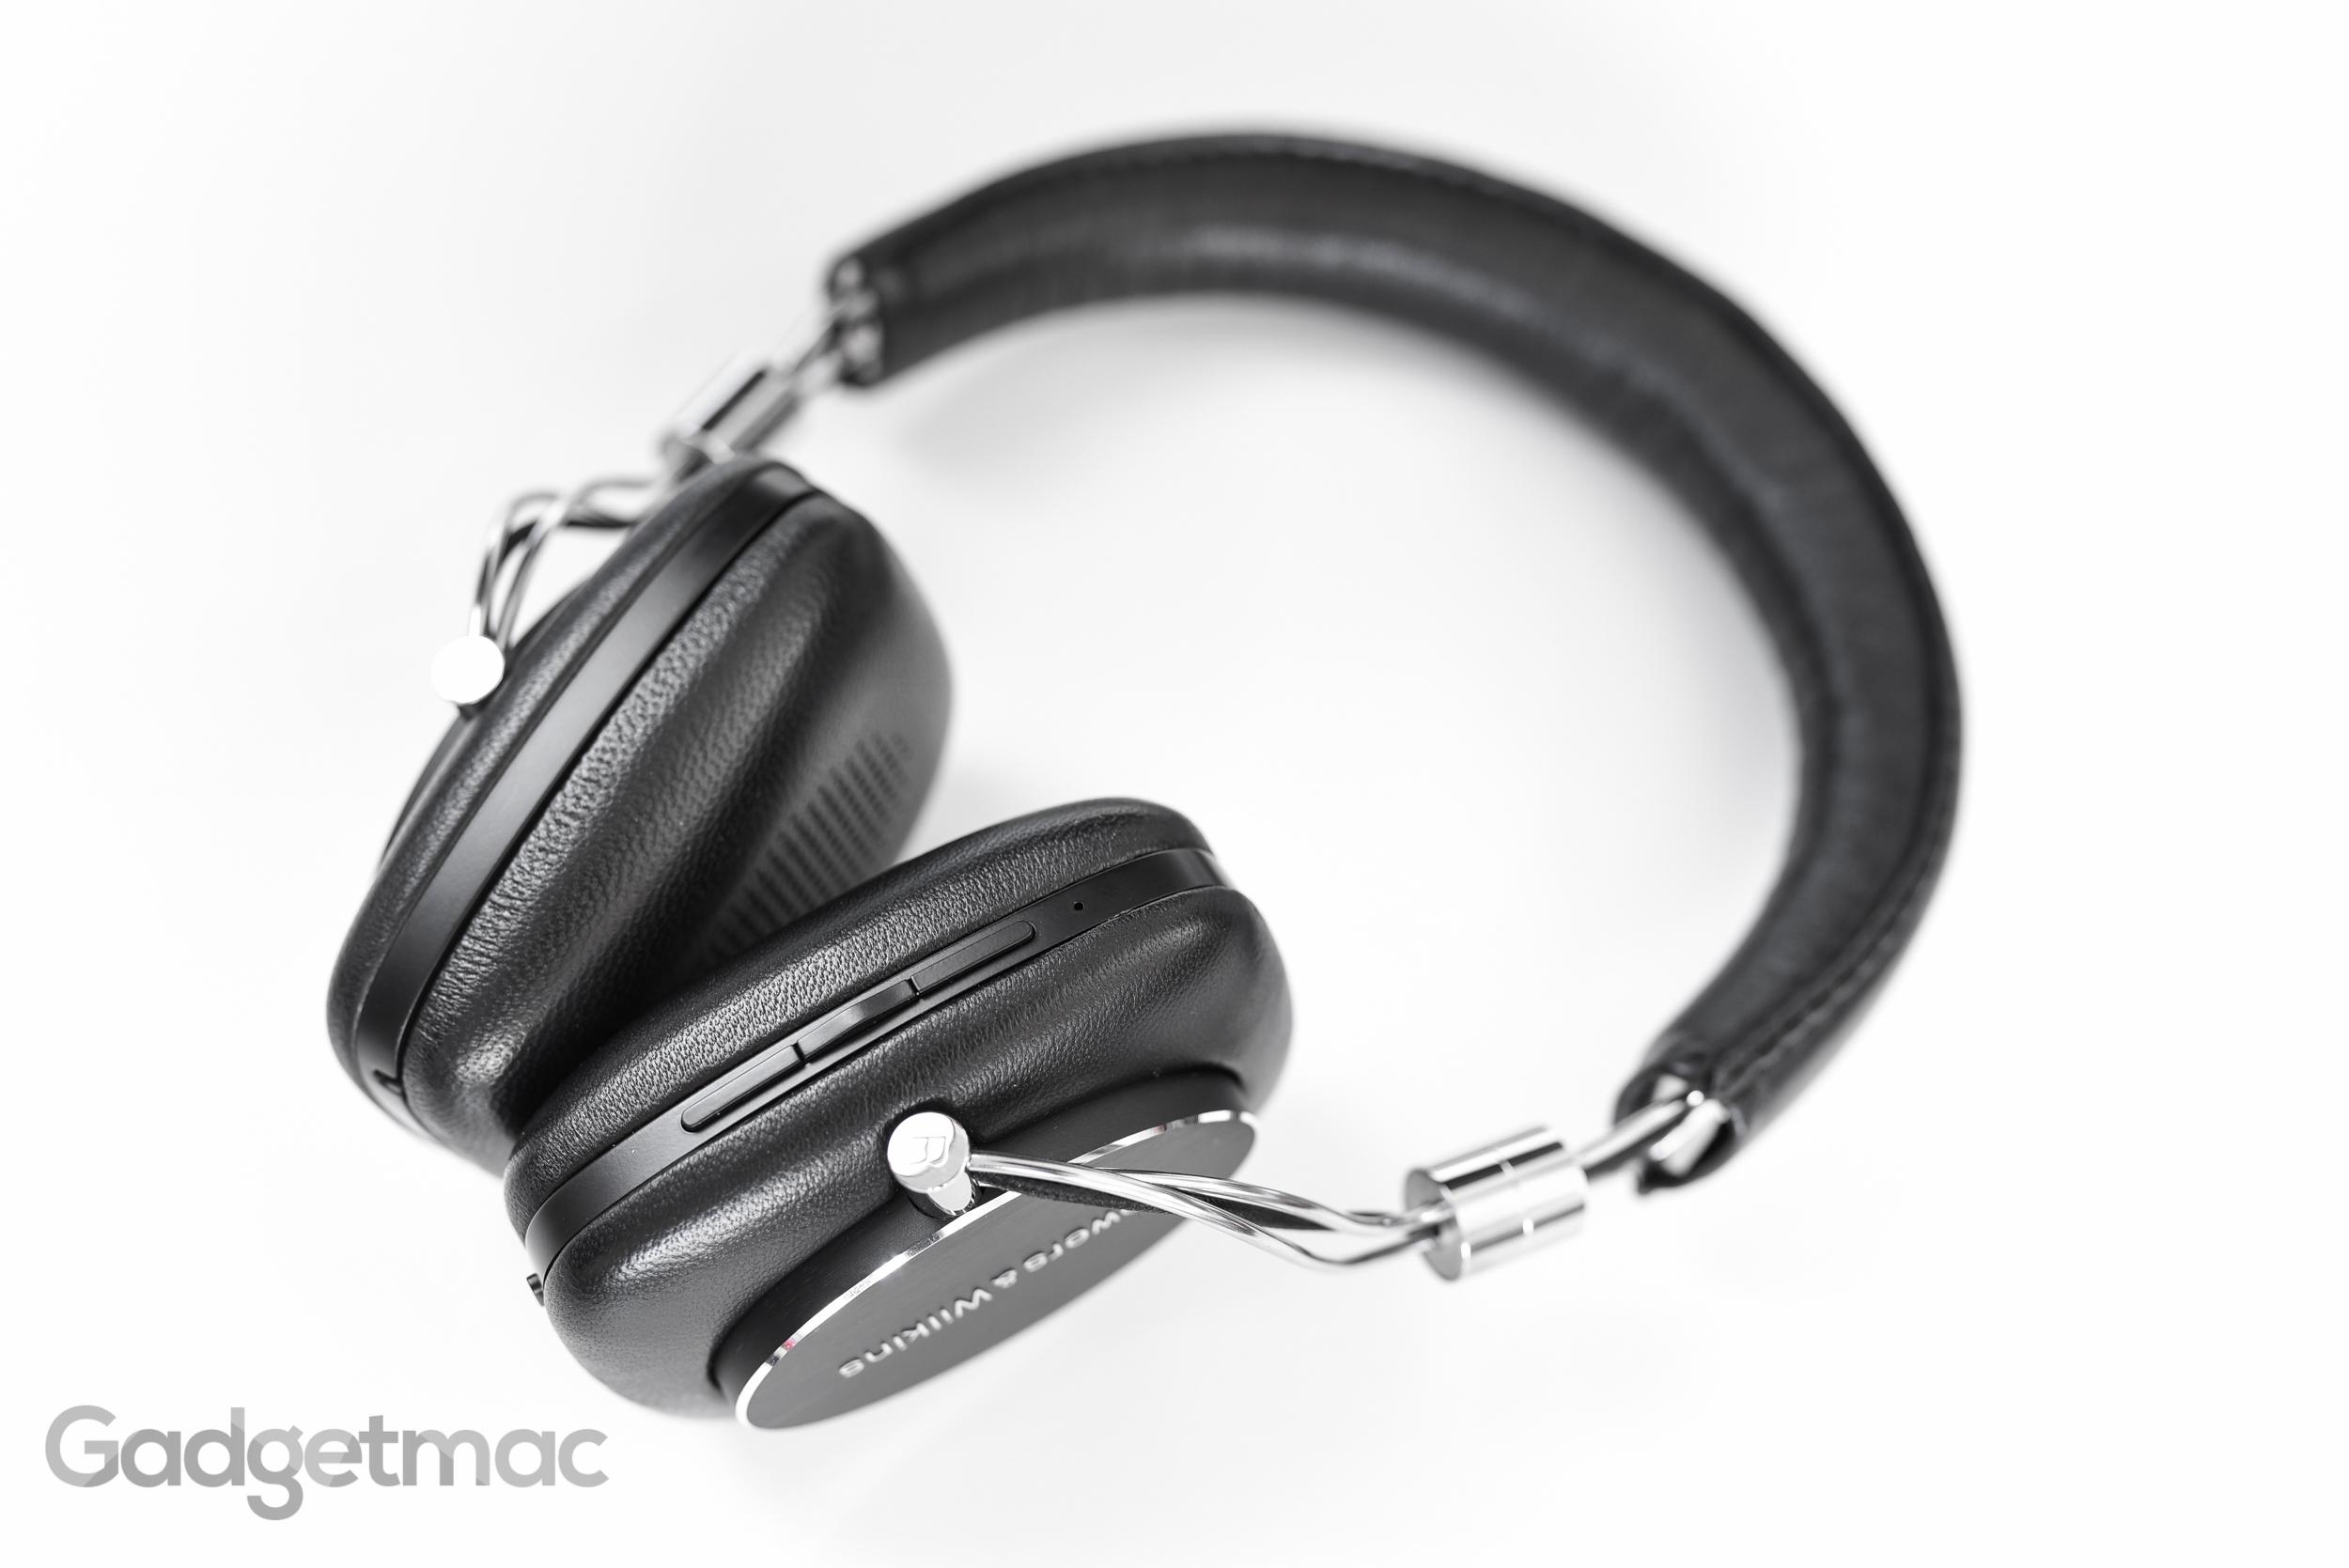 bowers-wilkins-p5-wireless-headphones-on-board-button-controls.jpg